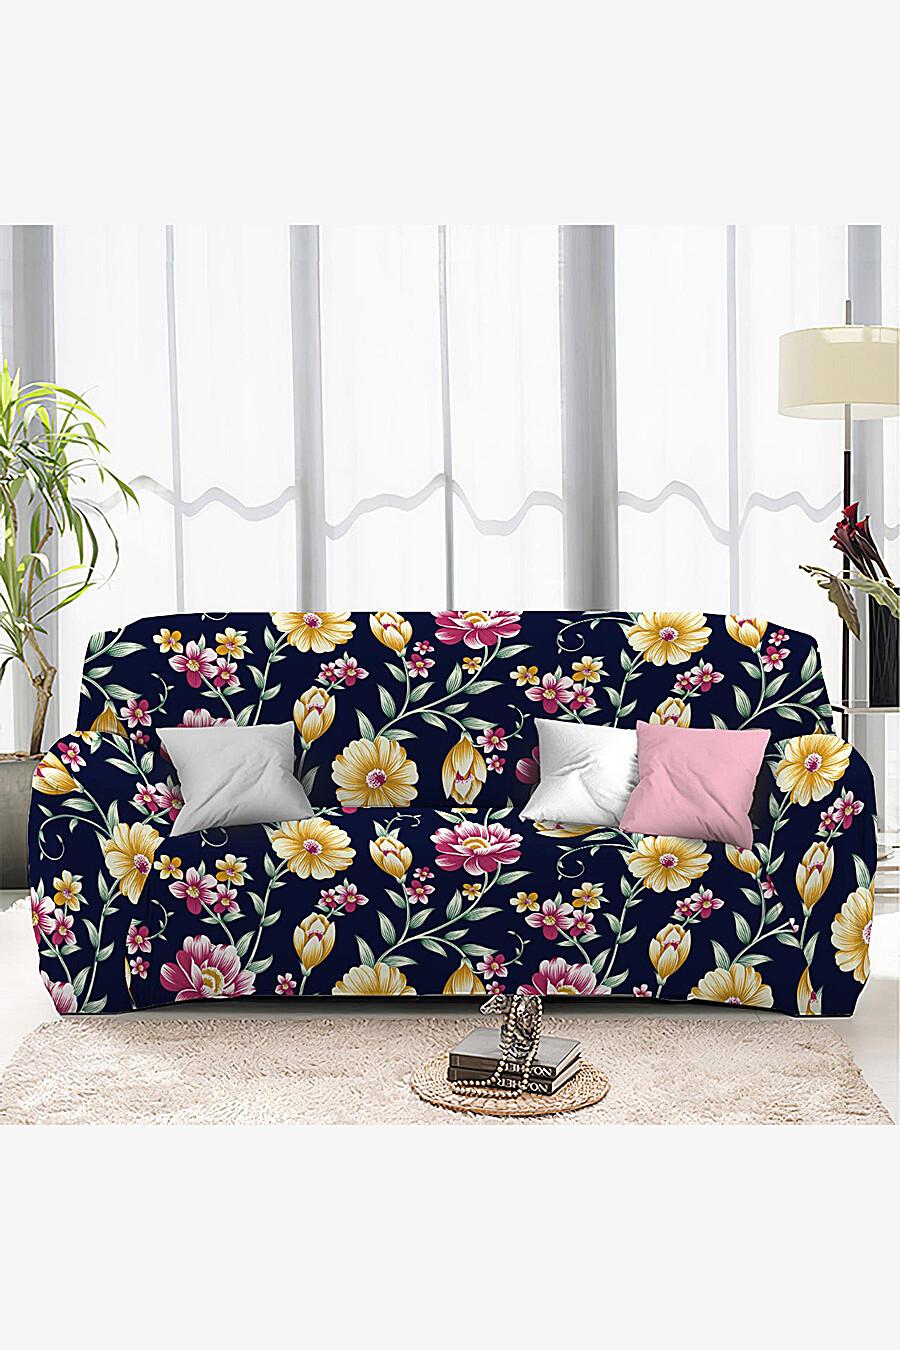 Чехол на диван для дома ART HOME TEXTILE 162773 купить оптом от производителя. Совместная покупка товаров для дома в OptMoyo